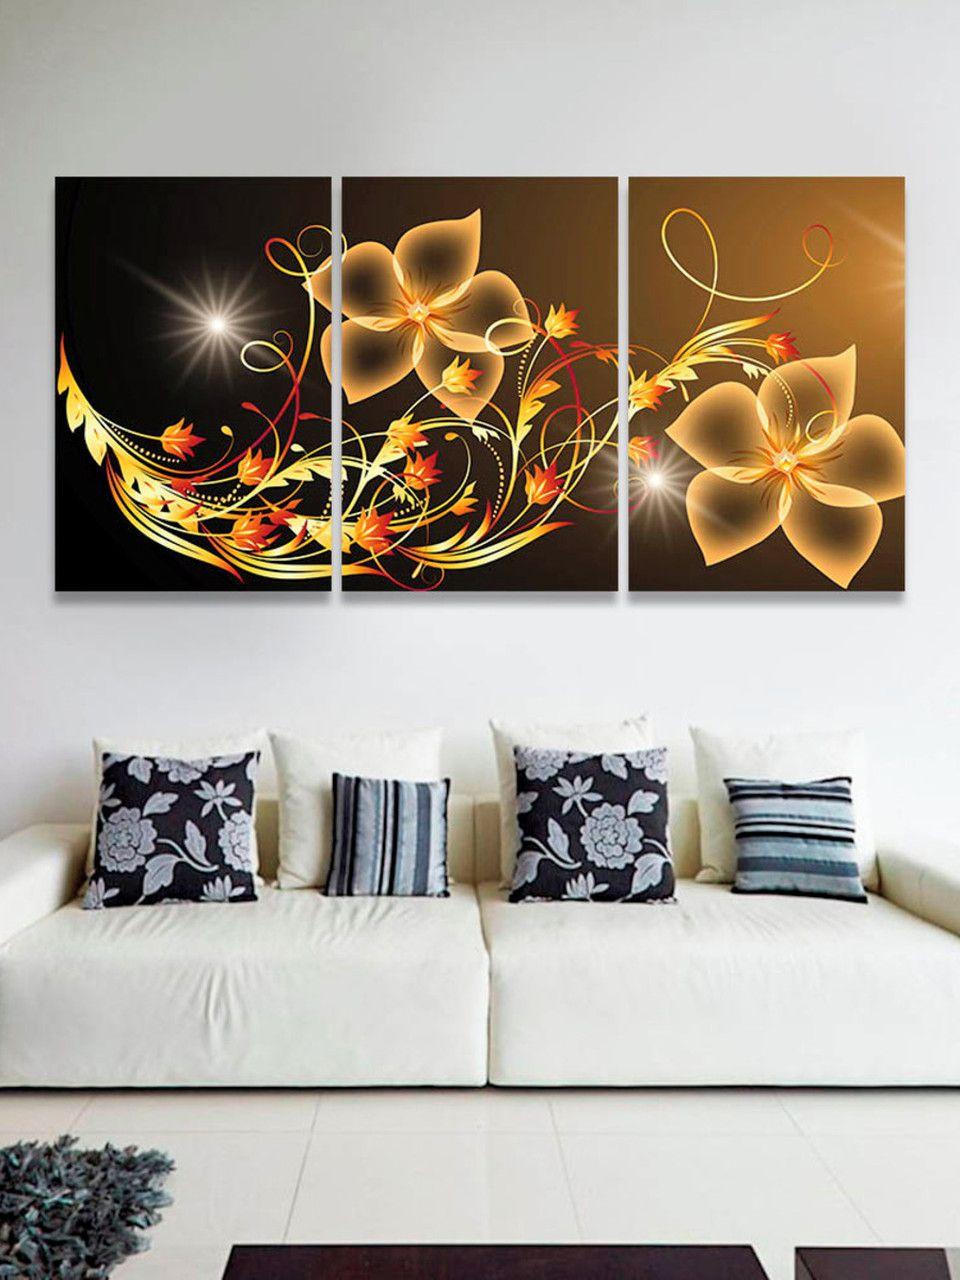 Quadro Flores Digitais Abstrato Decorativo Interiores 60x120 cm